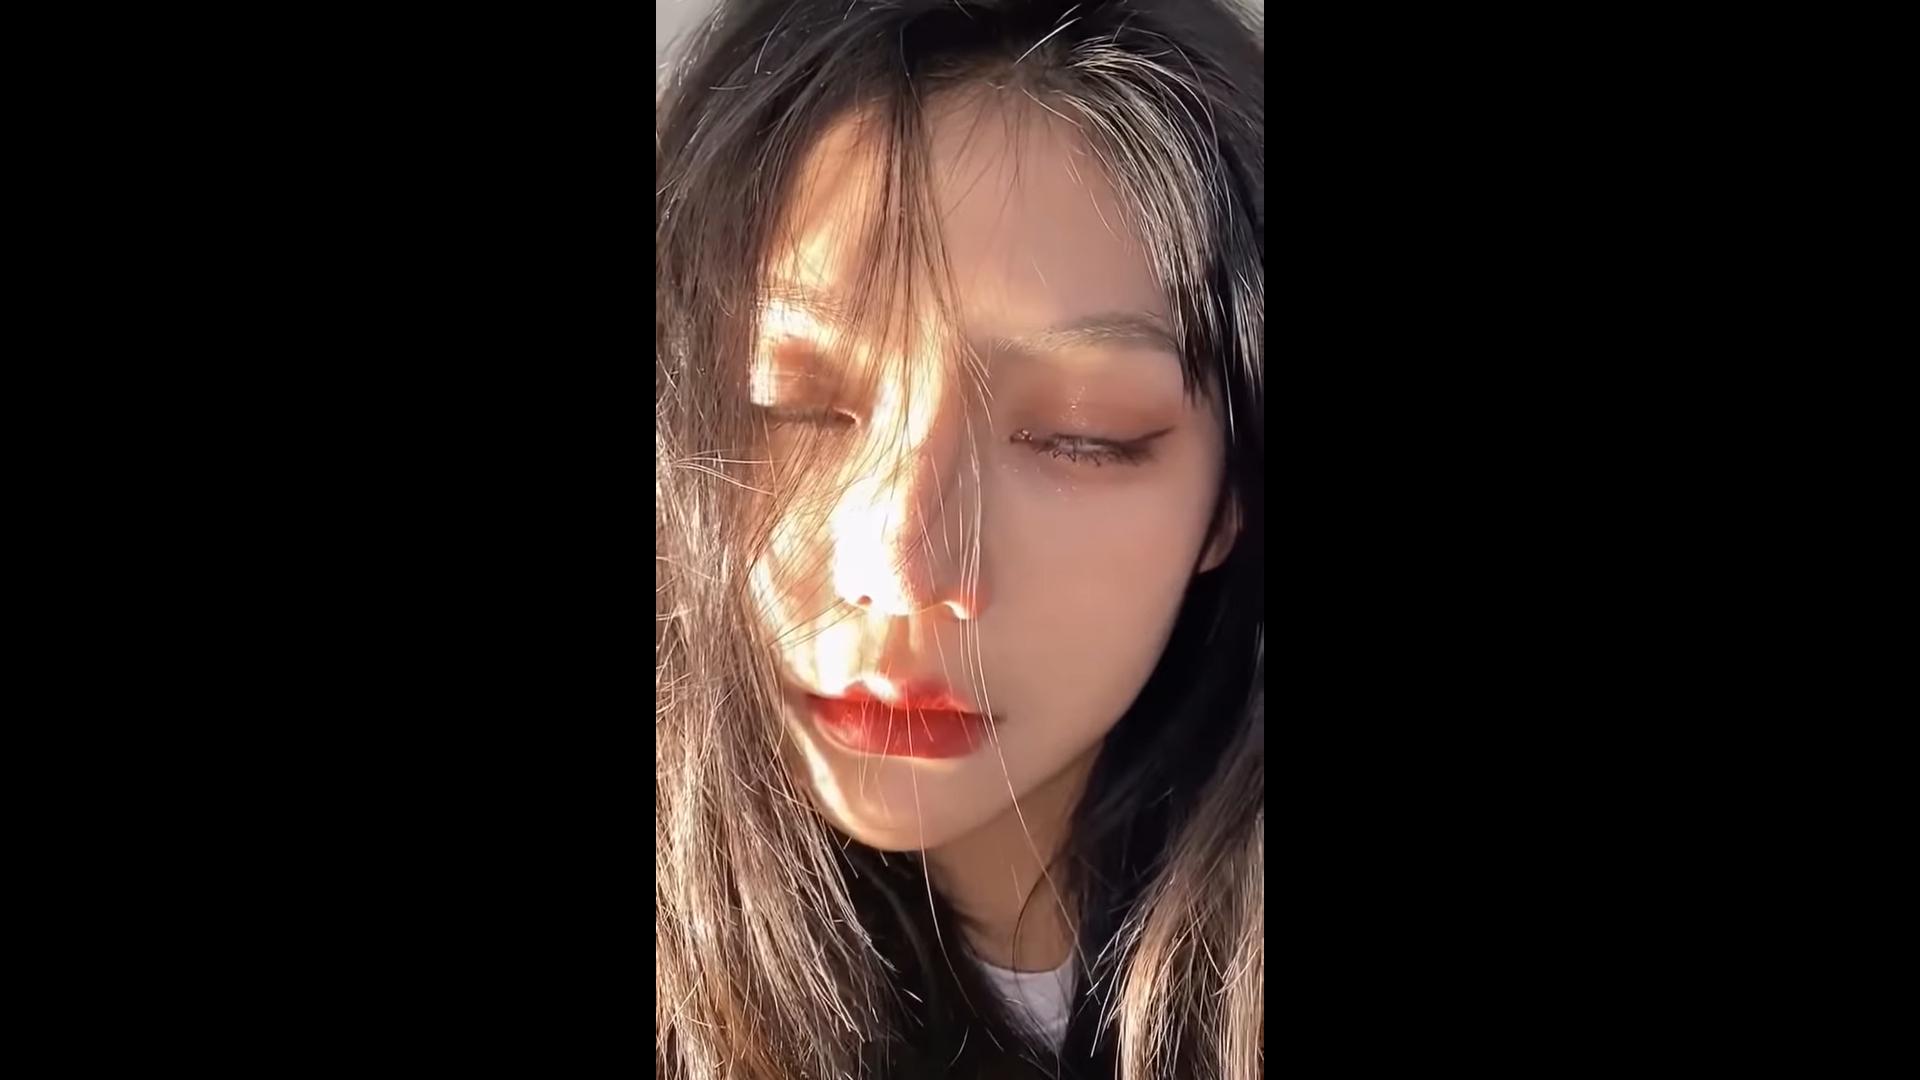 TikTok 2021- 全網最晚真人壁紙搖 - 抖音最美小姐姐 - 短視頻合輯top10 - 性感